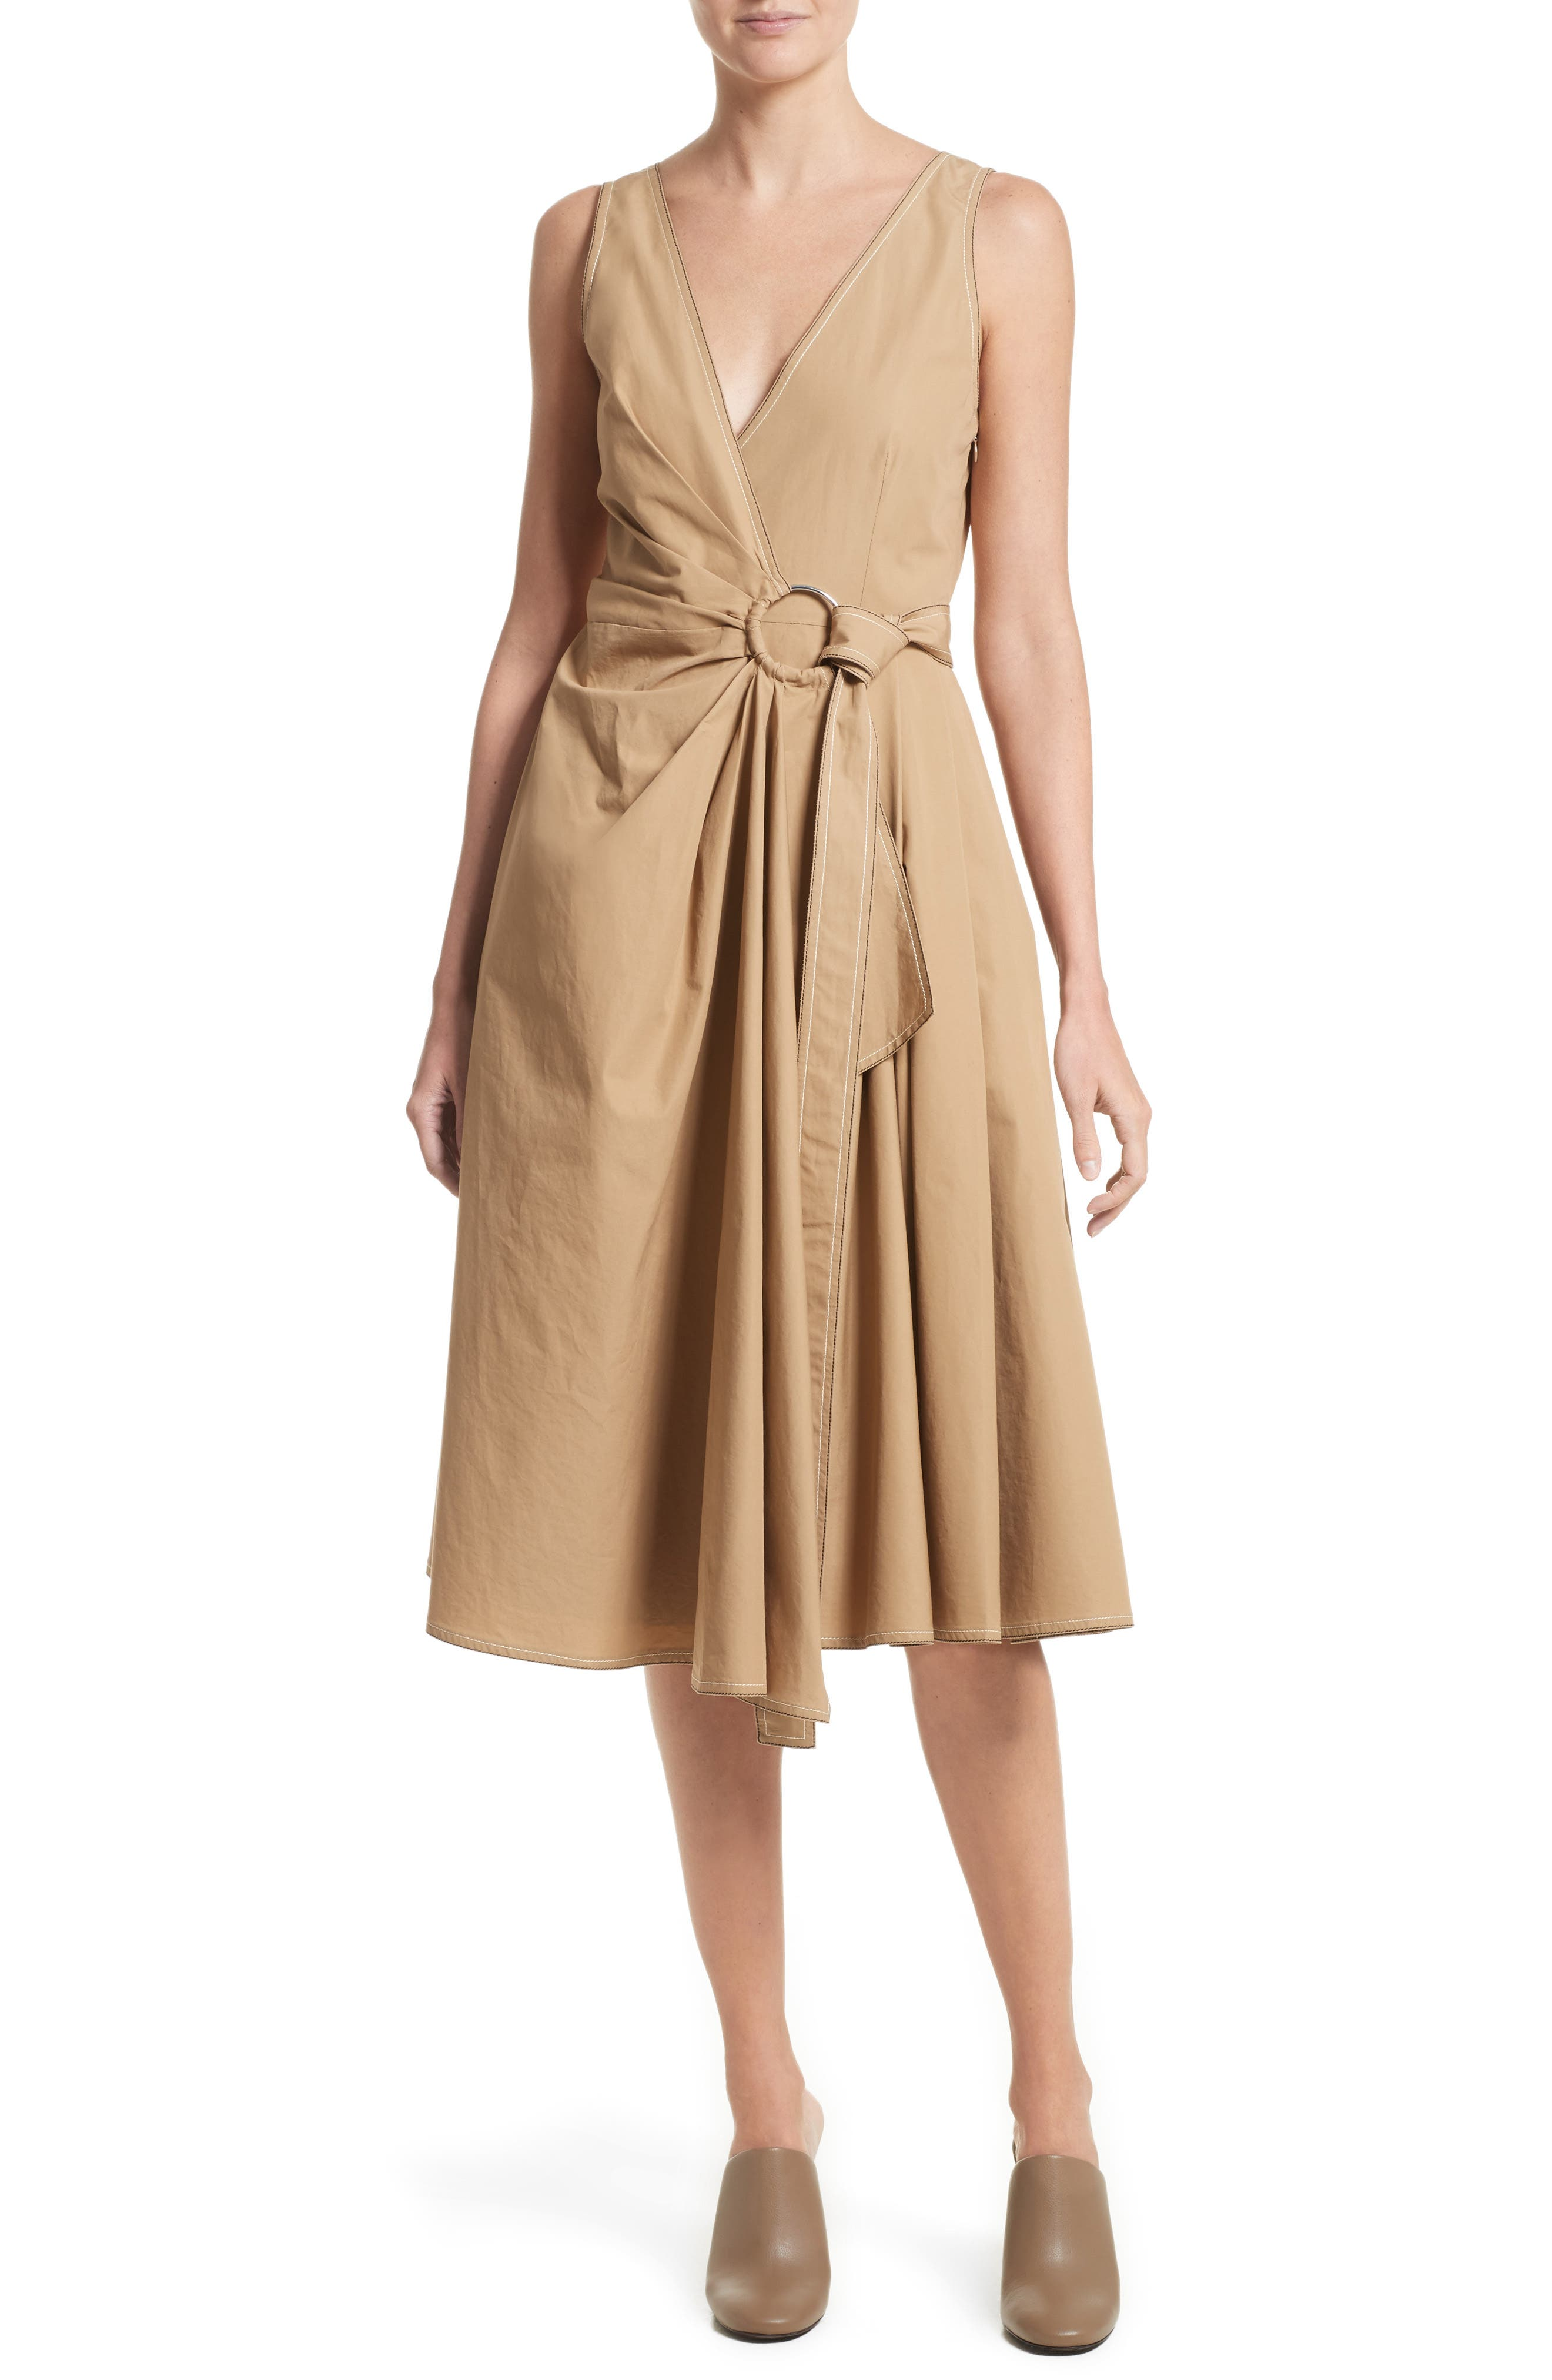 Alternate Image 1 Selected - Derek Lam 10 Crosby Pleated Wrap Dress